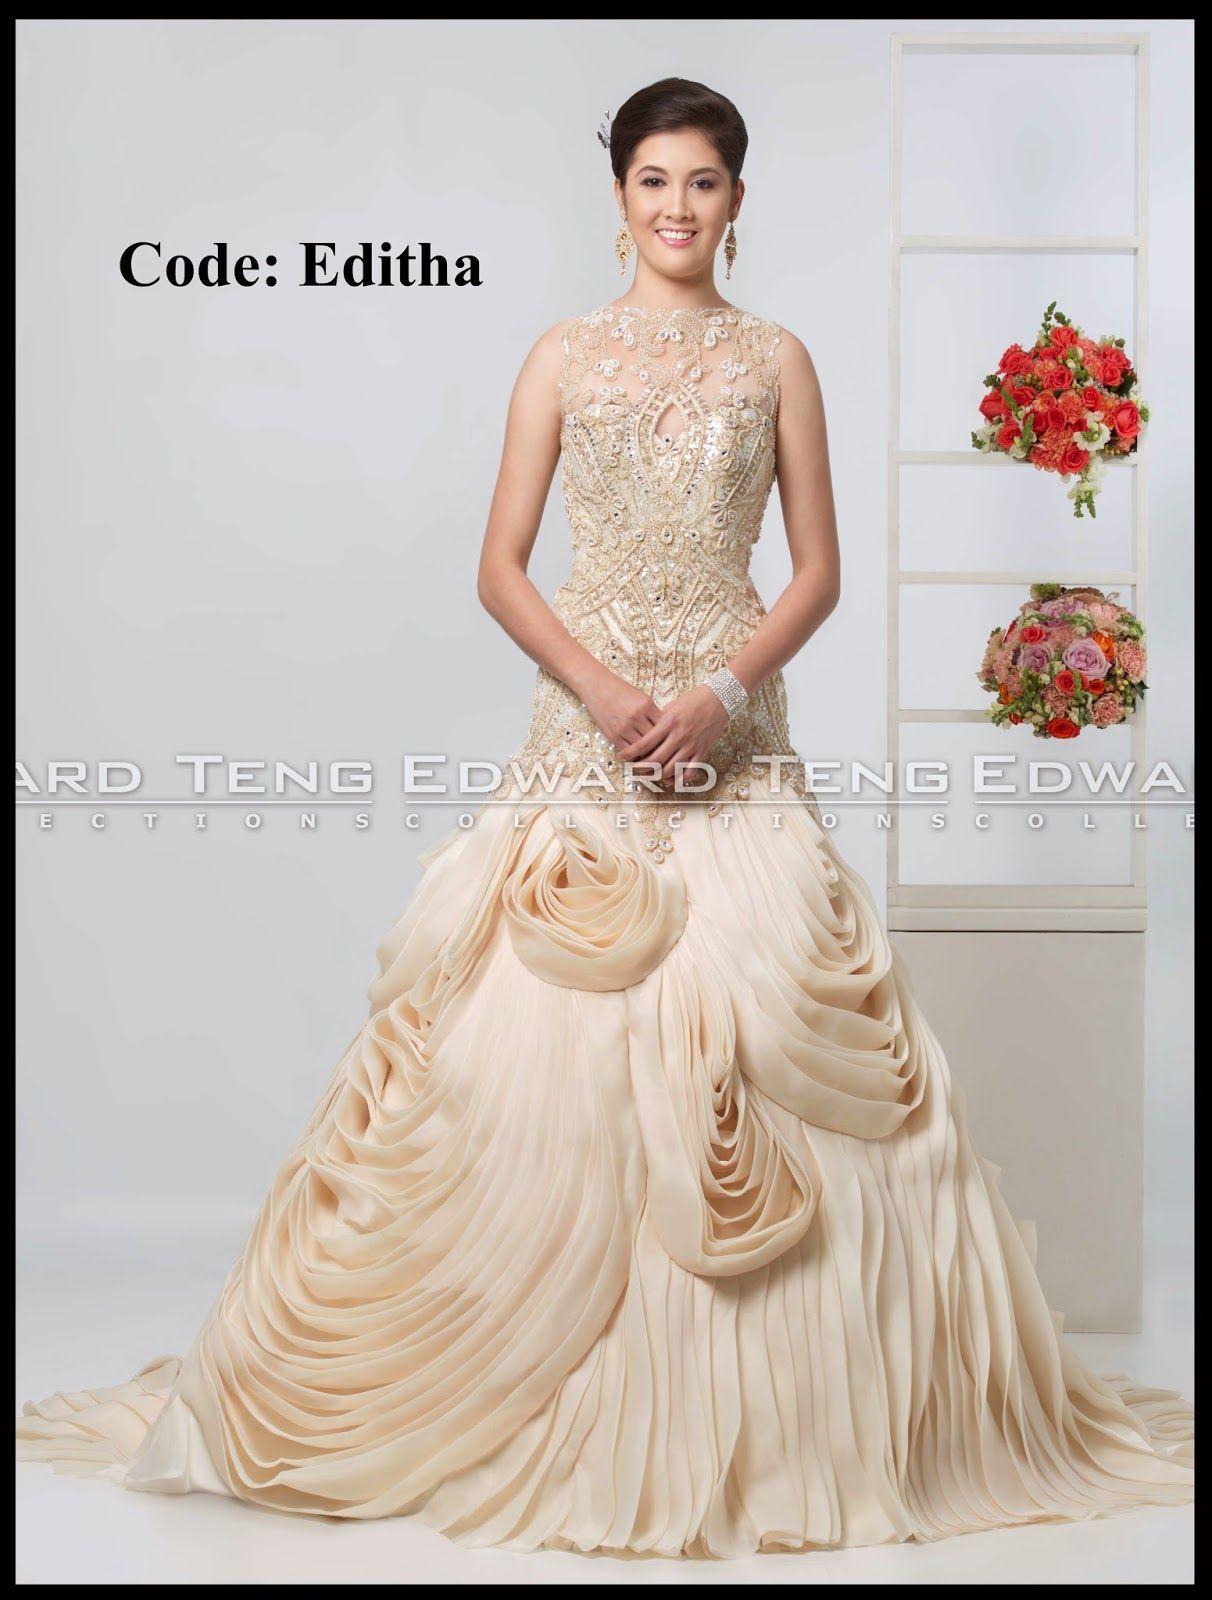 edward teng gown | philippines wedding gown designer | Pinterest ...